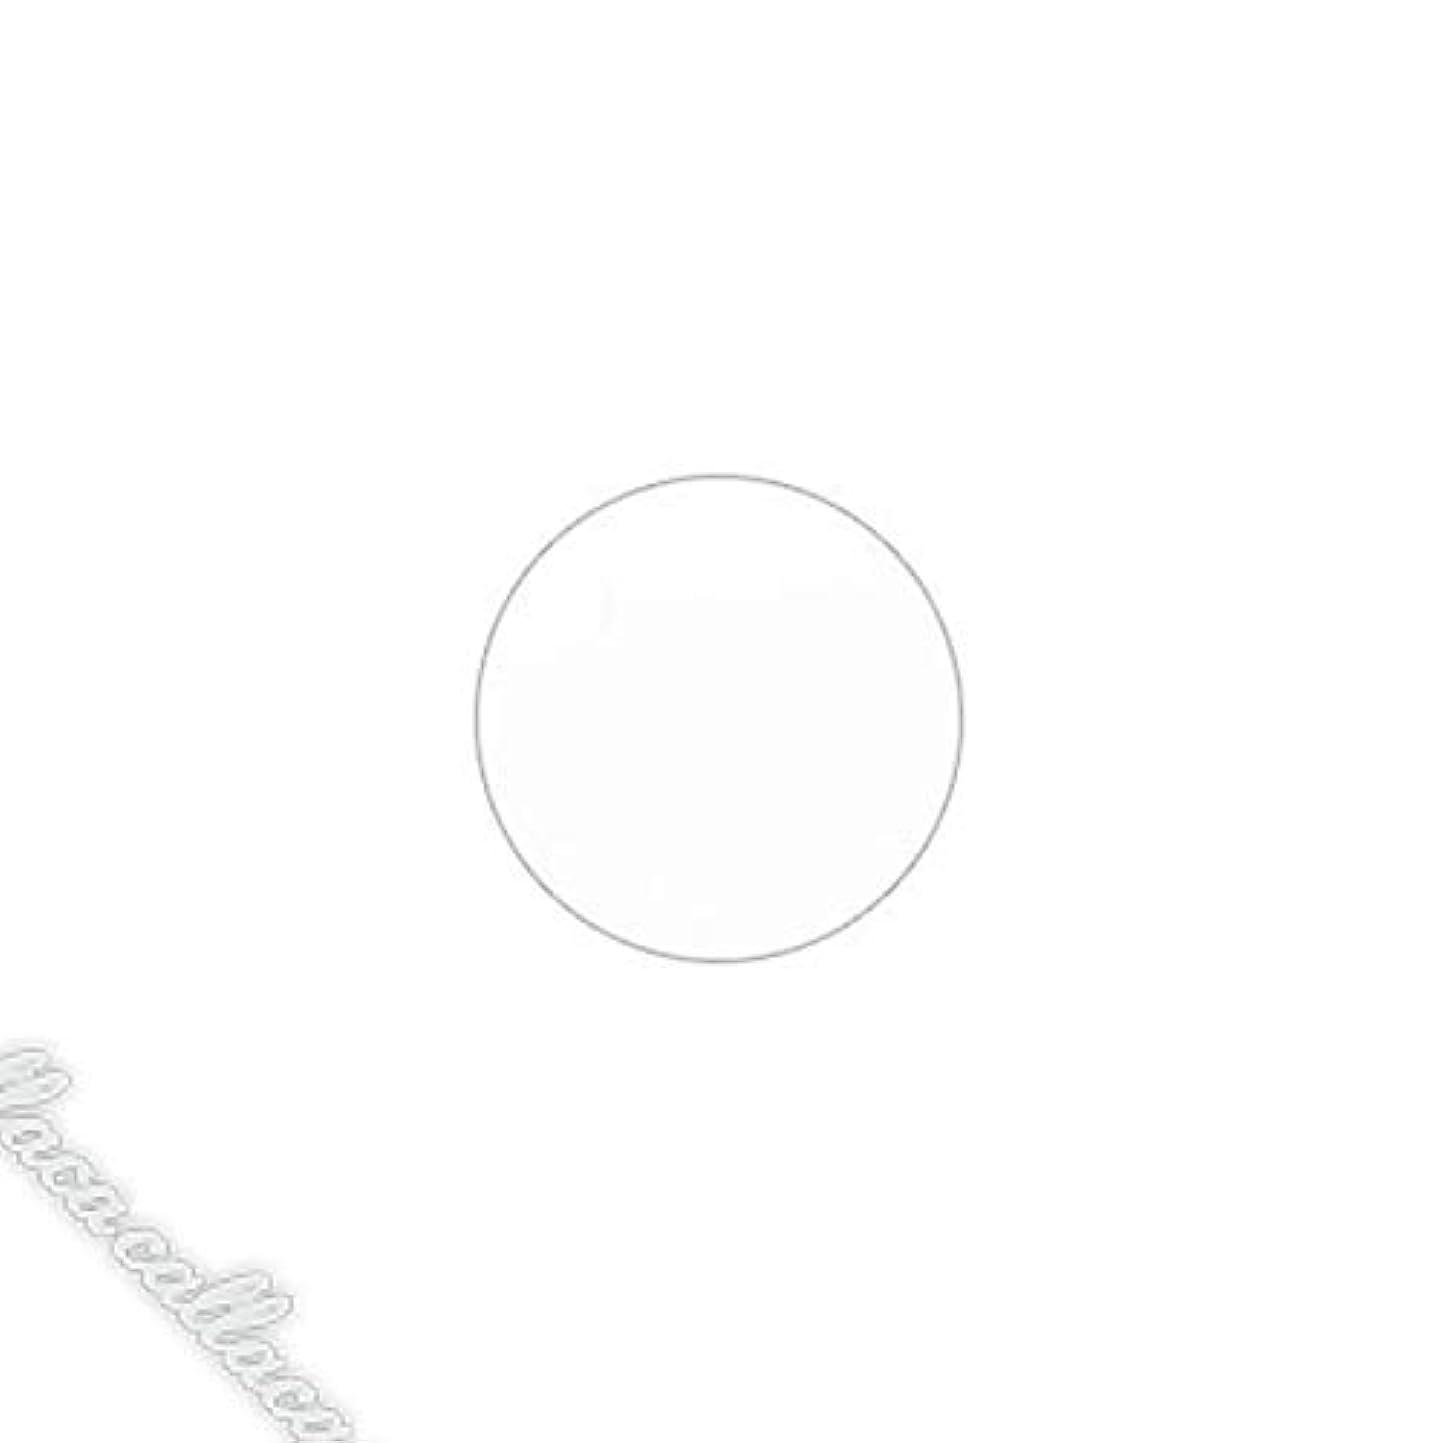 取り組む規則性斧Putiel カラージェル Liner01 ホワイト